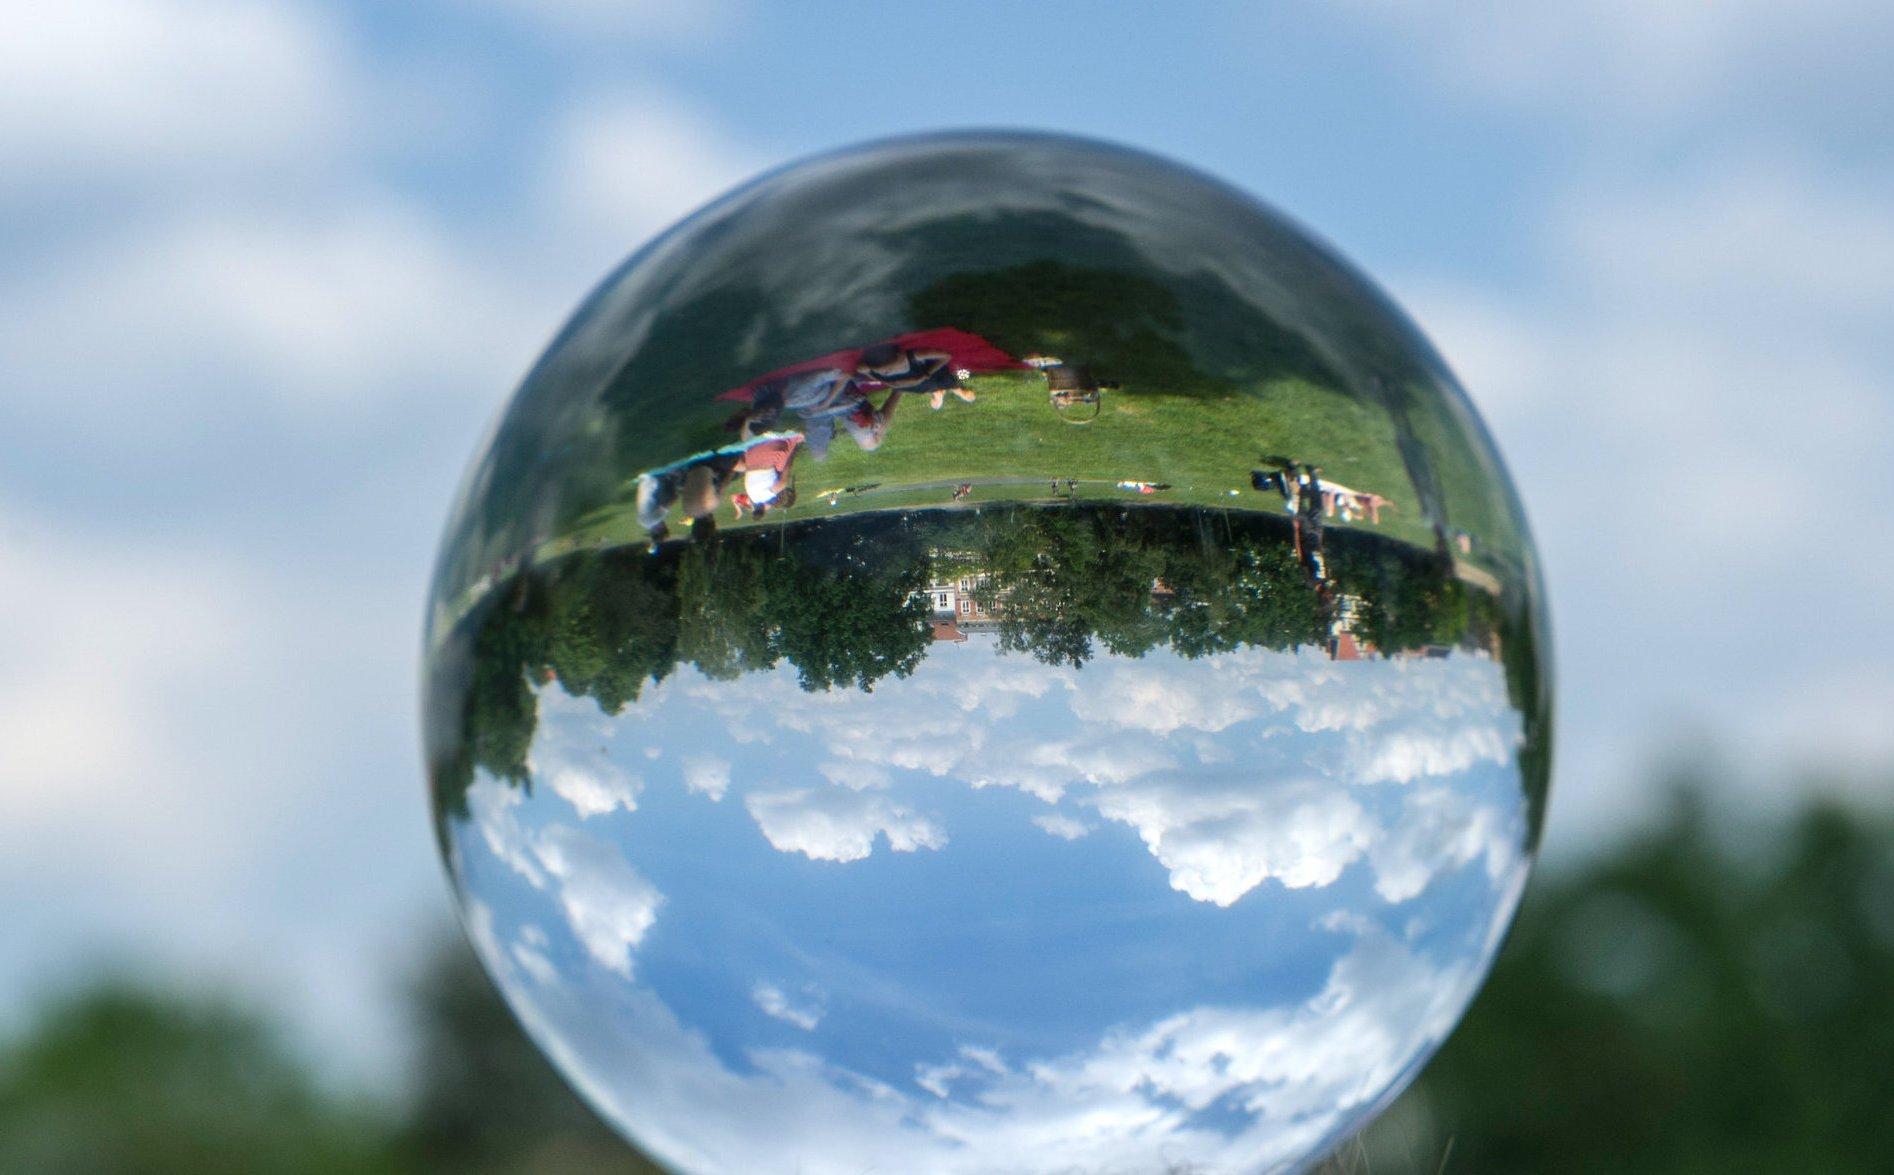 Glaskugel: Der Blick in die Zukunft gehört zum Jahresendgespräch dazu.